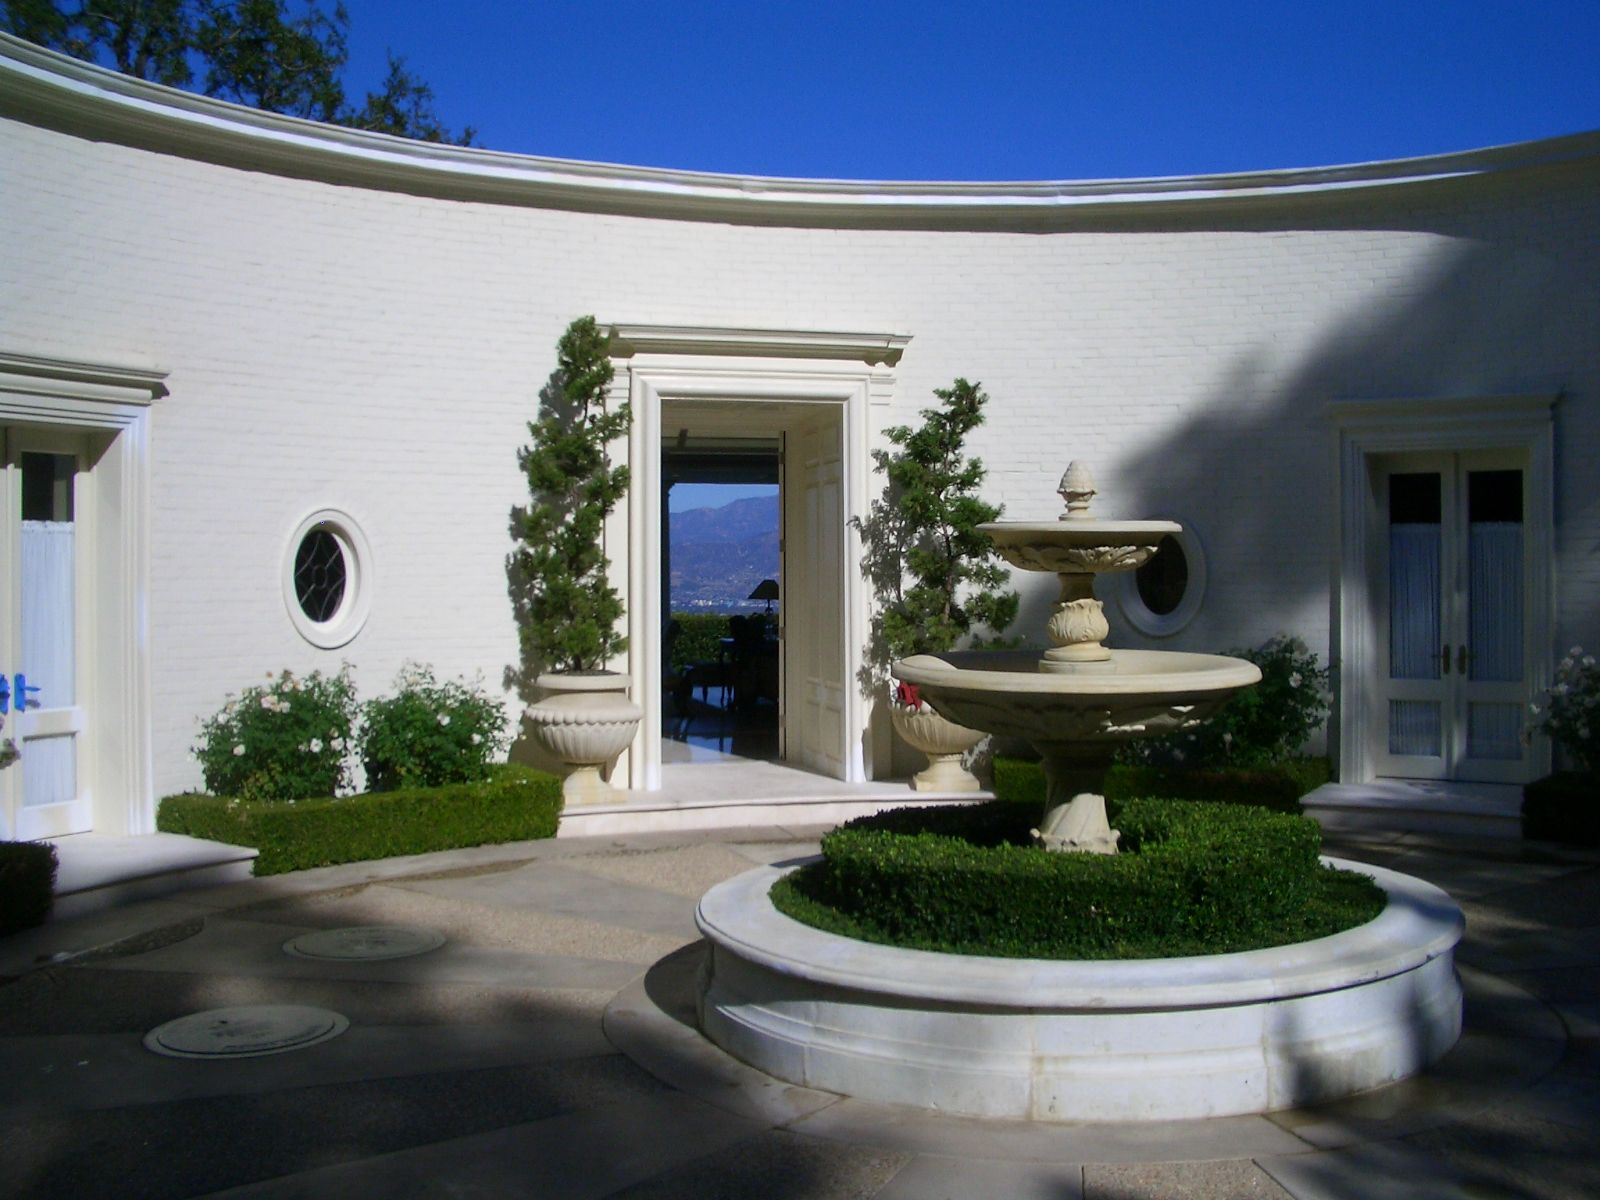 Hollywood Regency Design Architectural Design In 2019